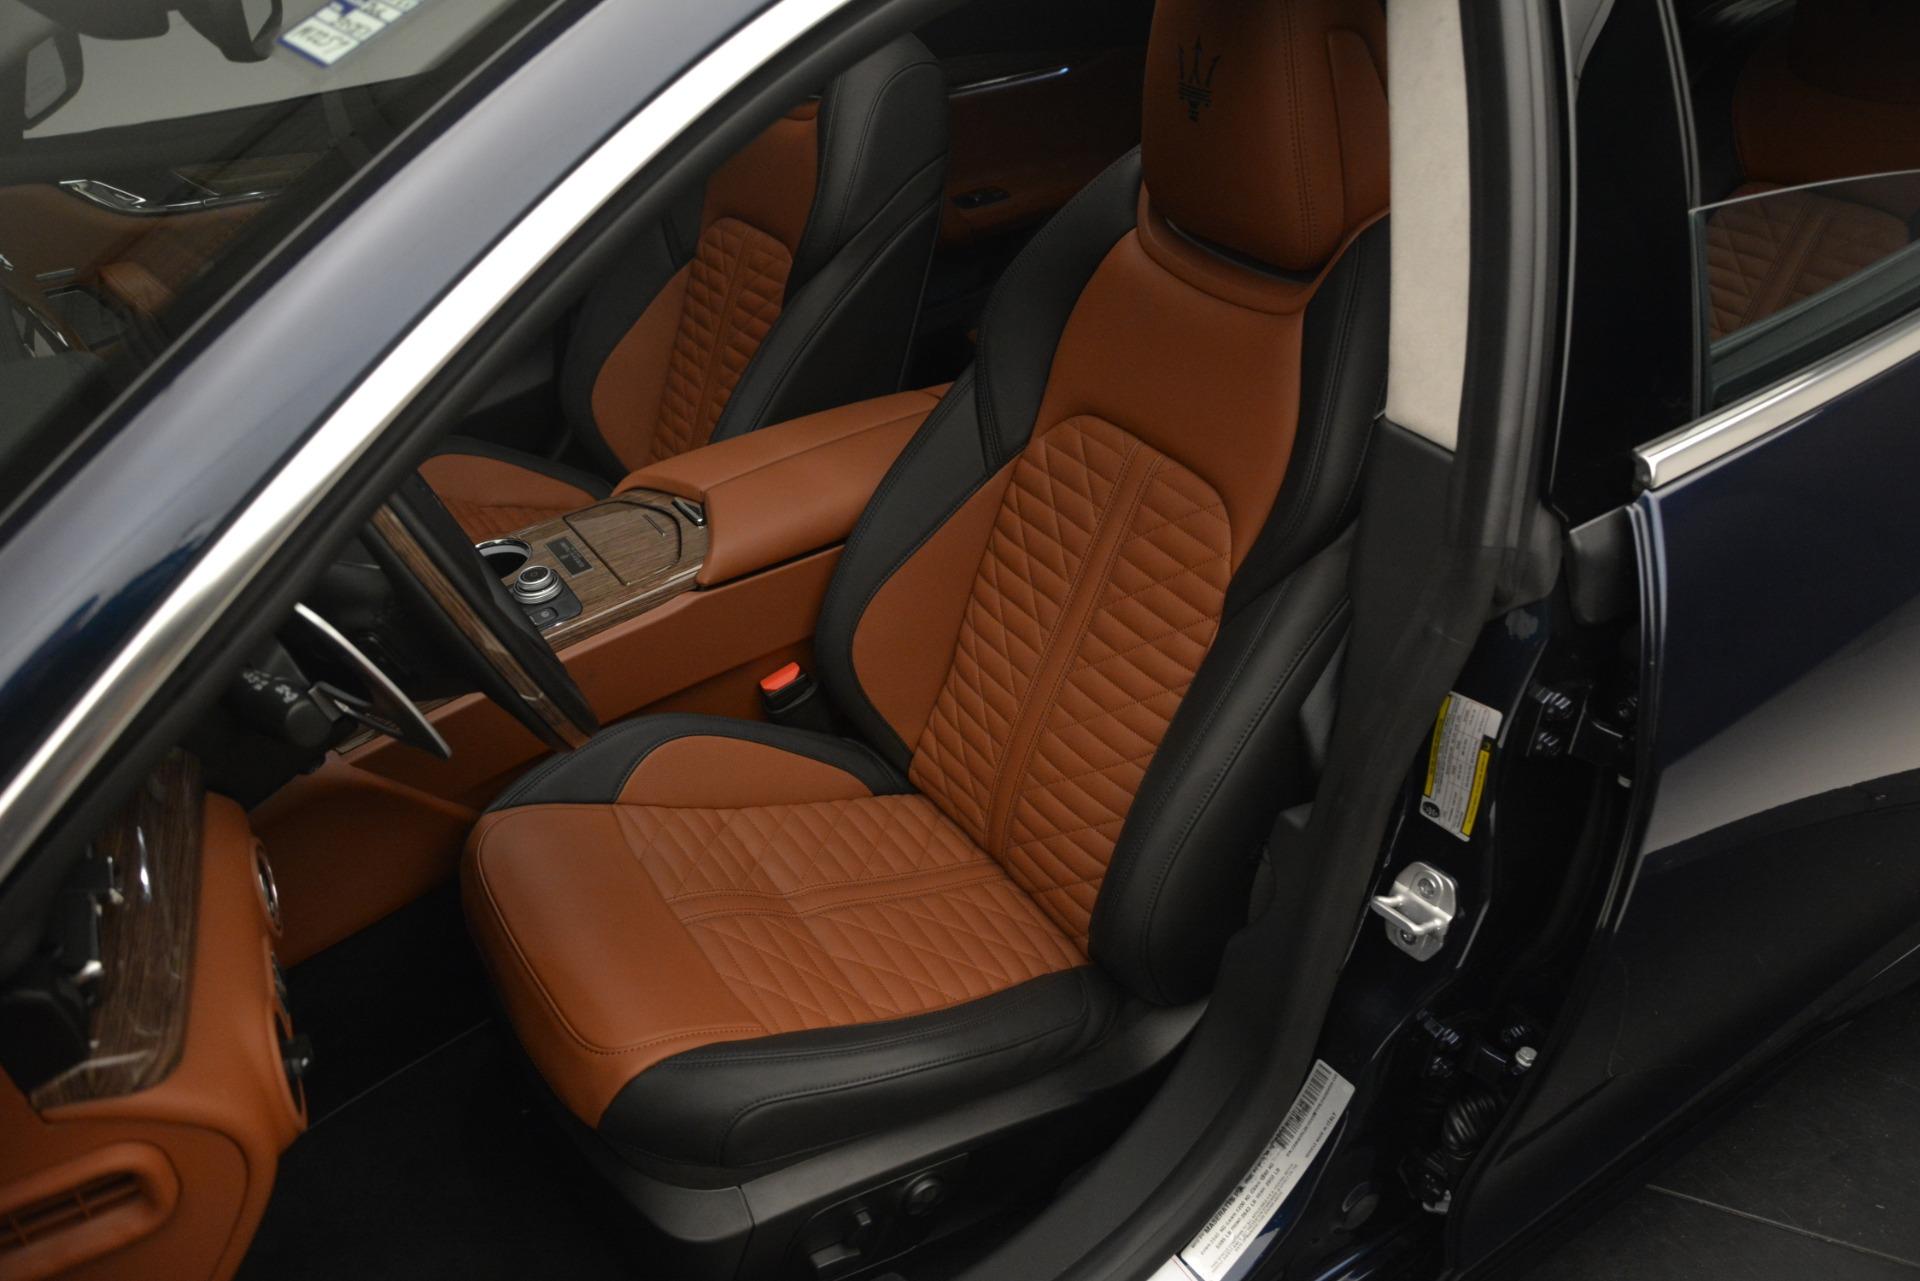 New 2019 Maserati Quattroporte S Q4 GranLusso Edizione Nobile For Sale In Greenwich, CT 2898_p19